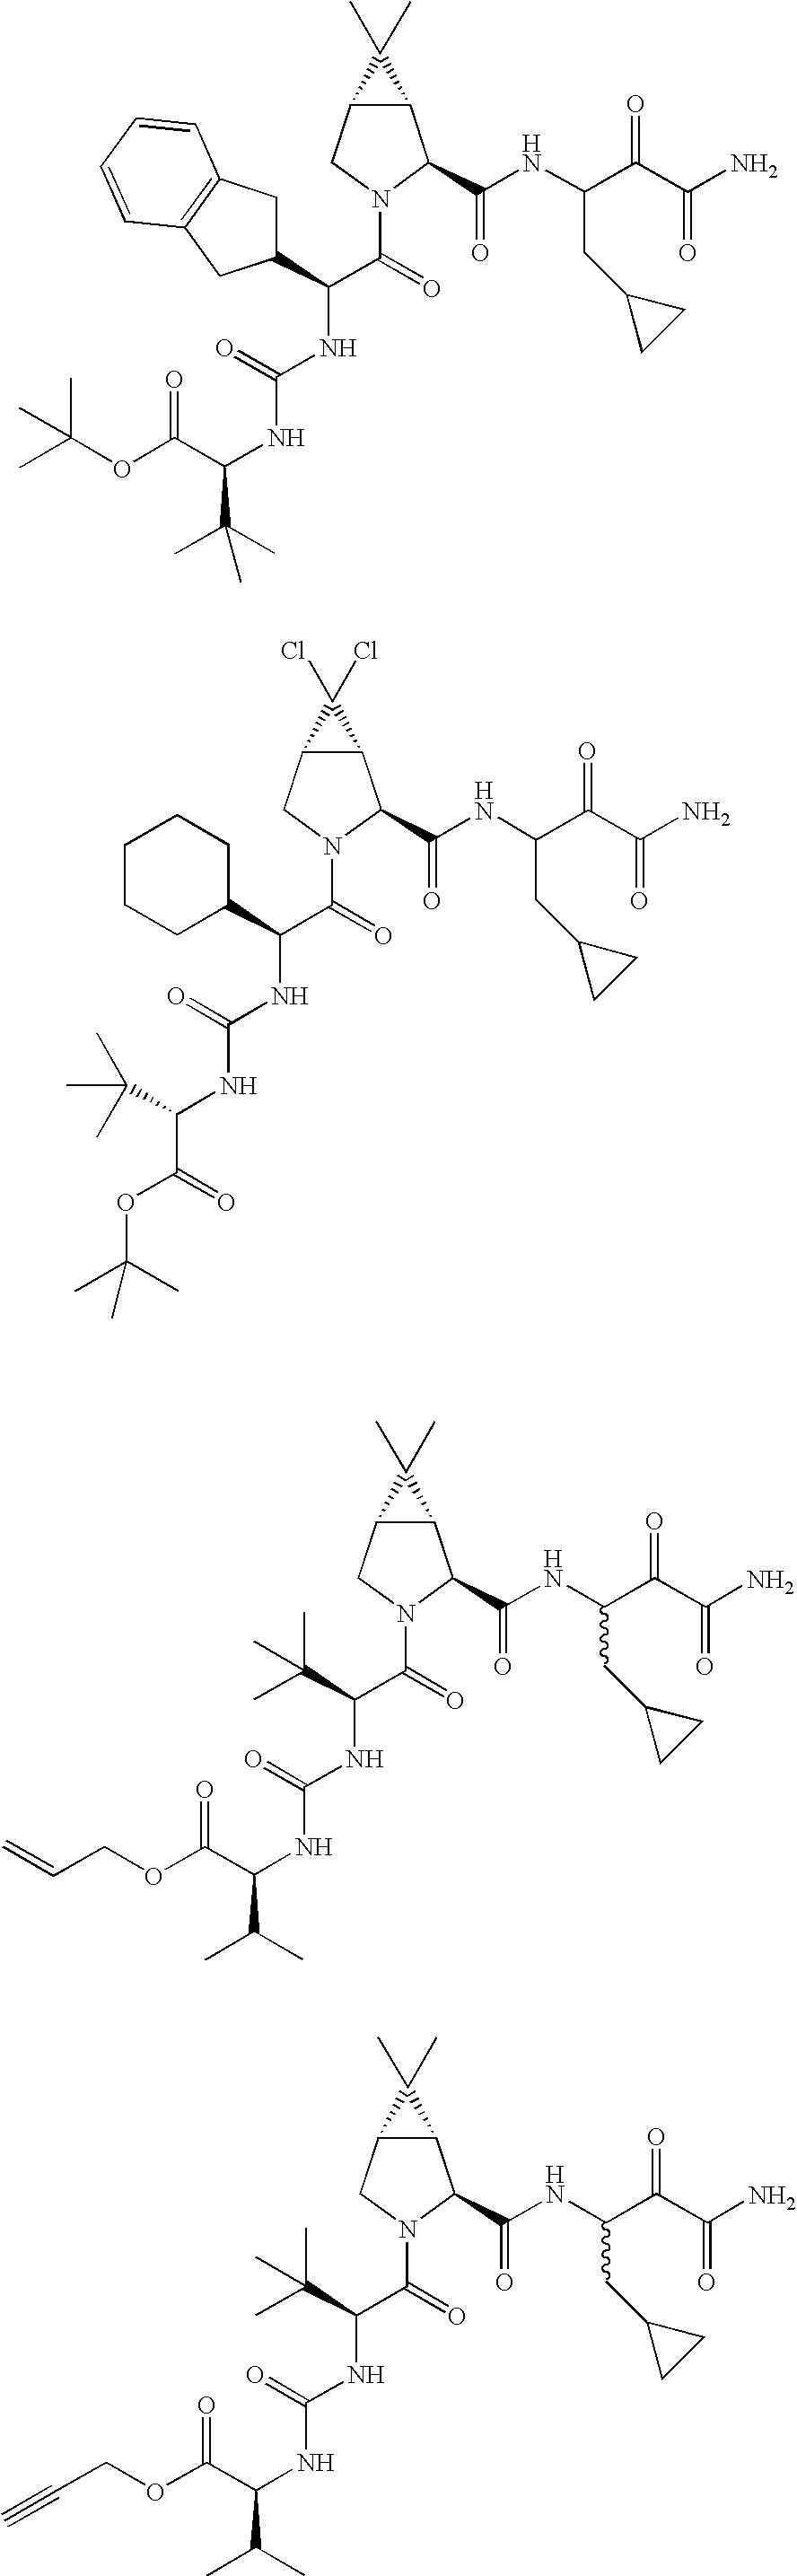 Figure US20060287248A1-20061221-C00261